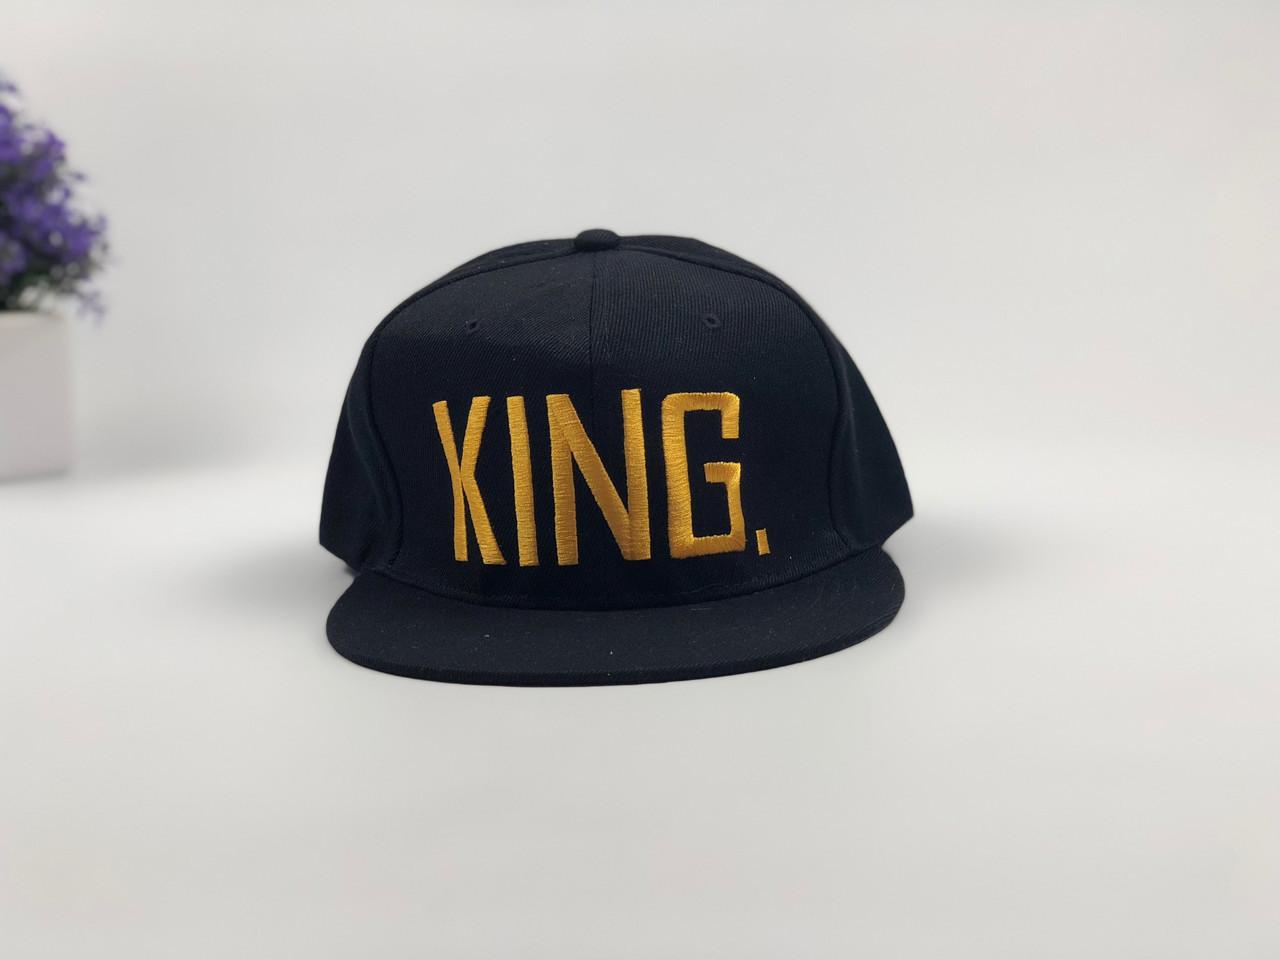 Снэпбек King  - черный, золотое лого